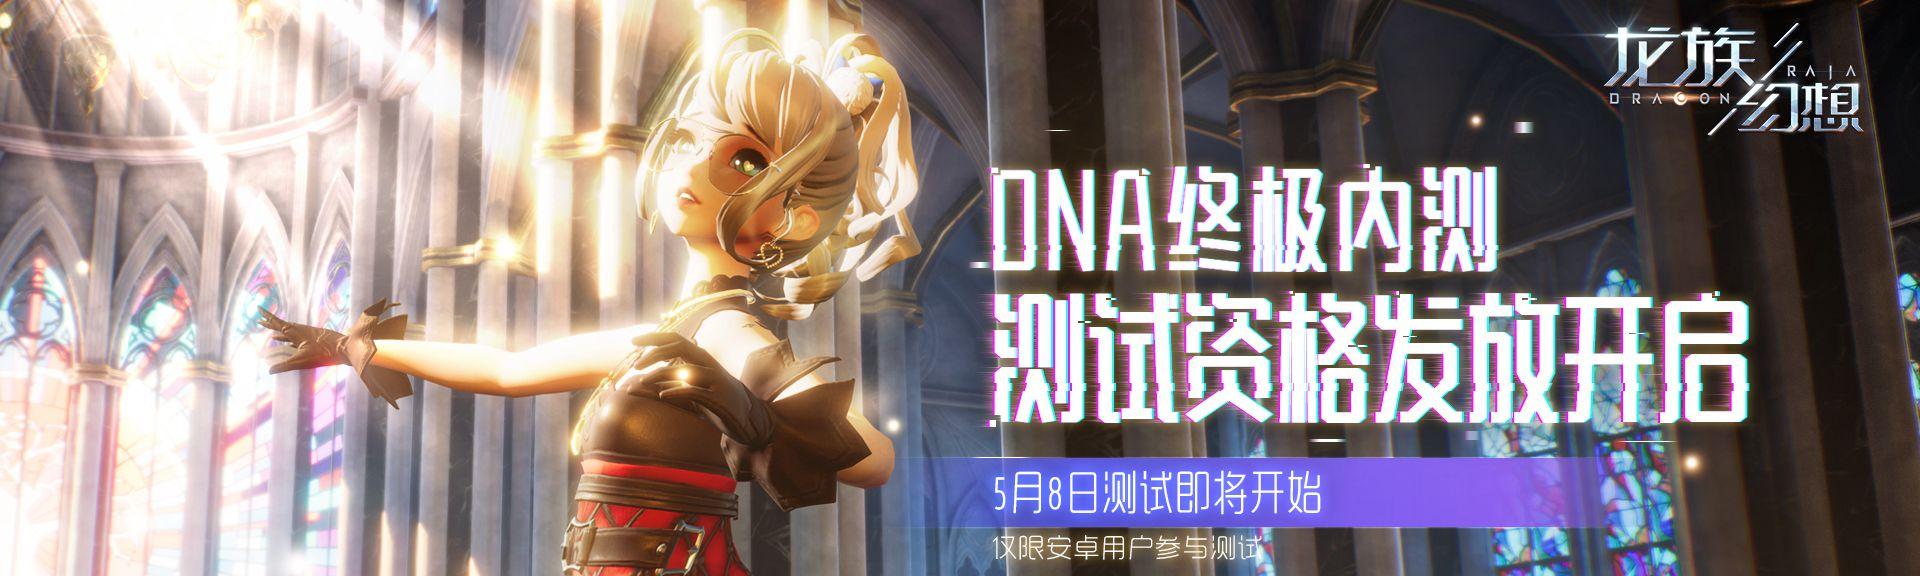 《龙族幻想》手游DNA终极内测资格发放开启